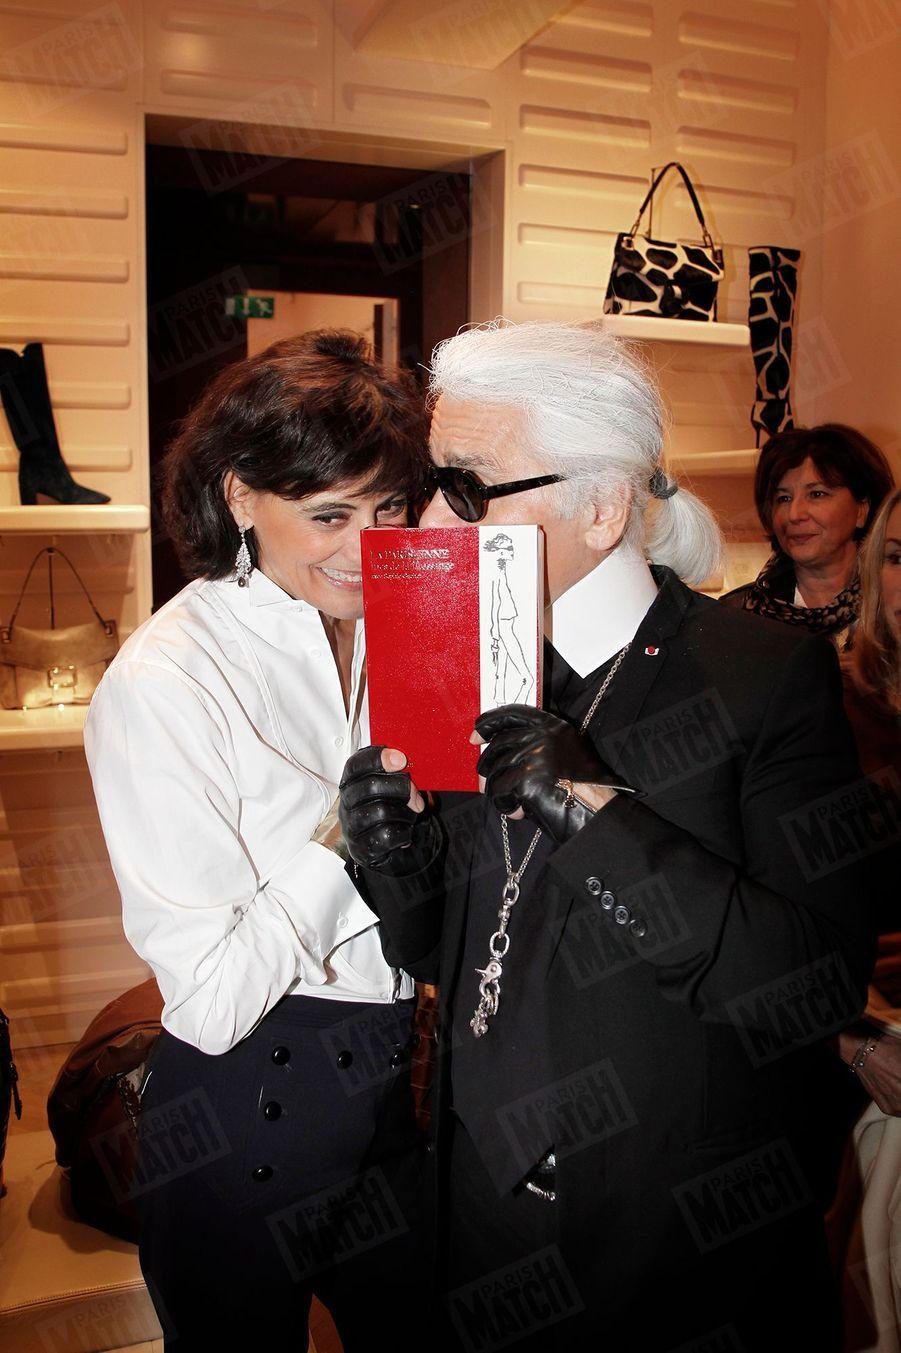 """Karl Lagerfeld et Inès de la Fressange, la complicité retrouvée,au cocktail de présentation du livre du mannequin, """"La Parisienne"""" (éd. Flammarion), le 21 octobre 2010 à Paris."""